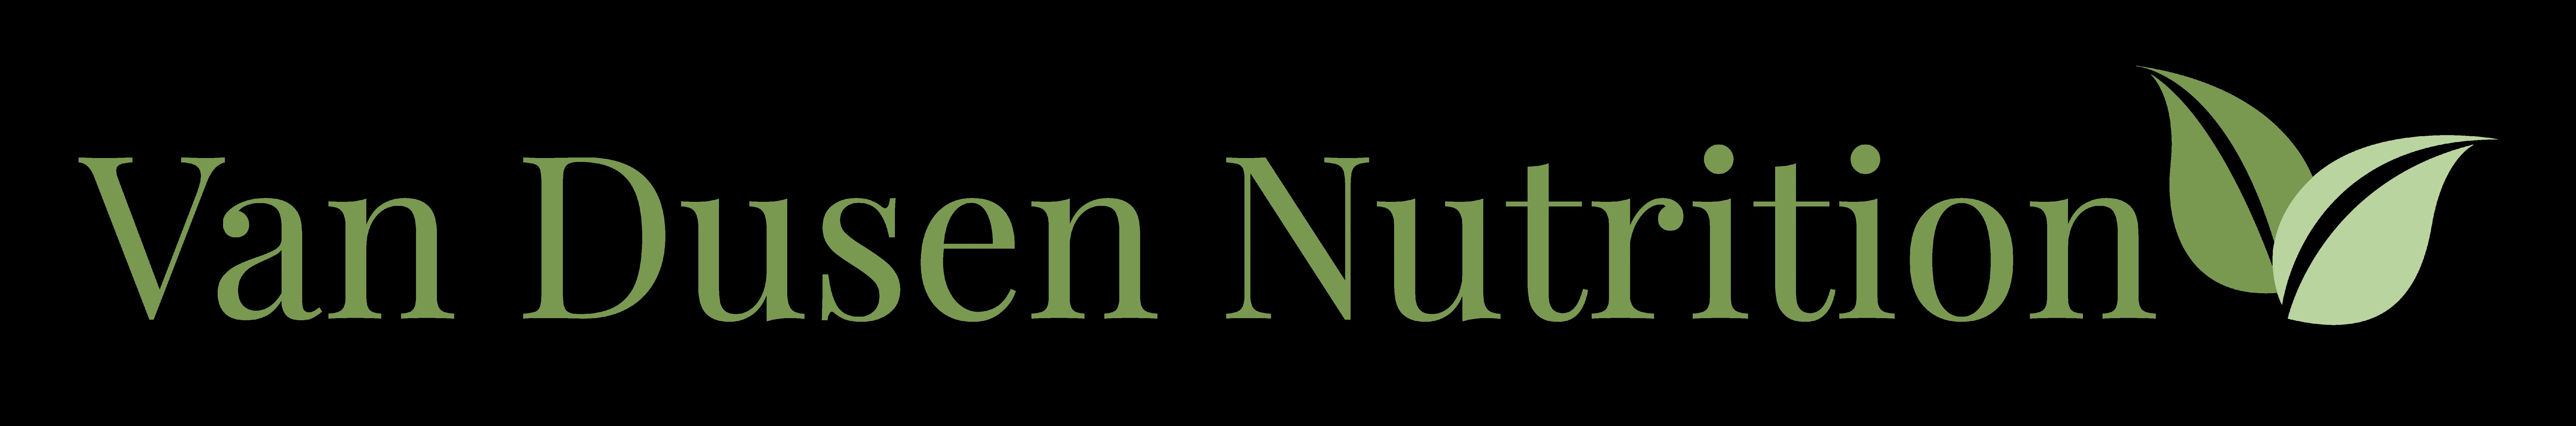 VDN logo Transparent background